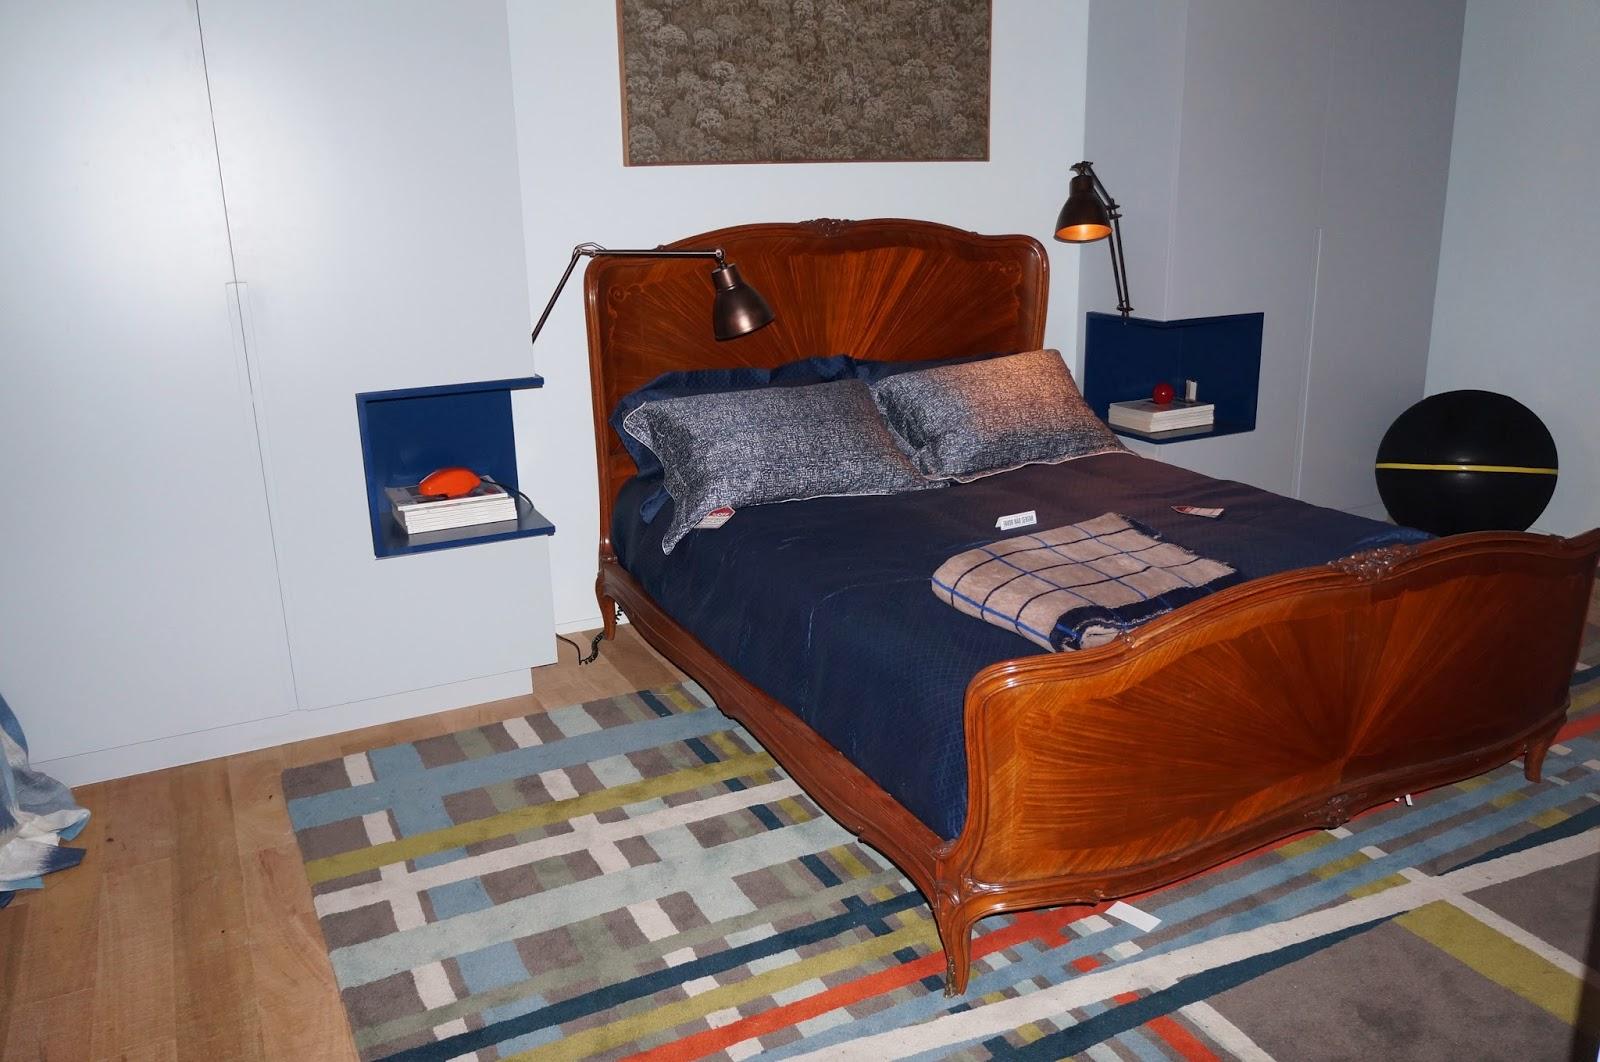 suporte na parede do quarto para acomodar livros  - Casa Cor SP 2014